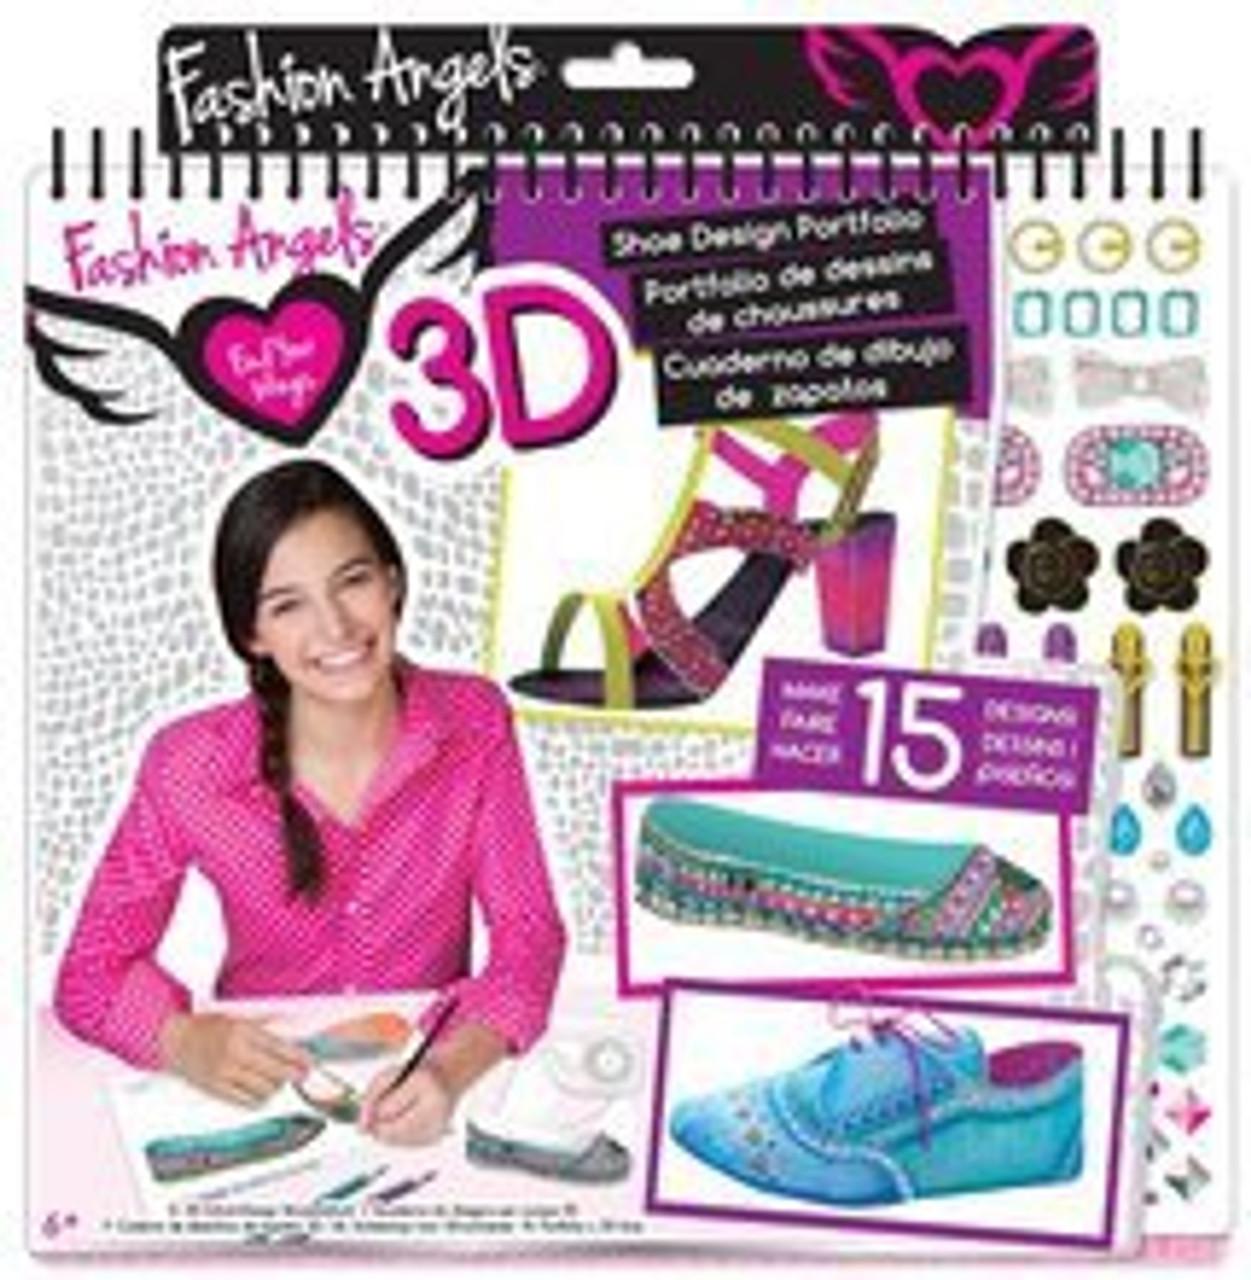 3D SHOE DESIGN PORTFOLIO